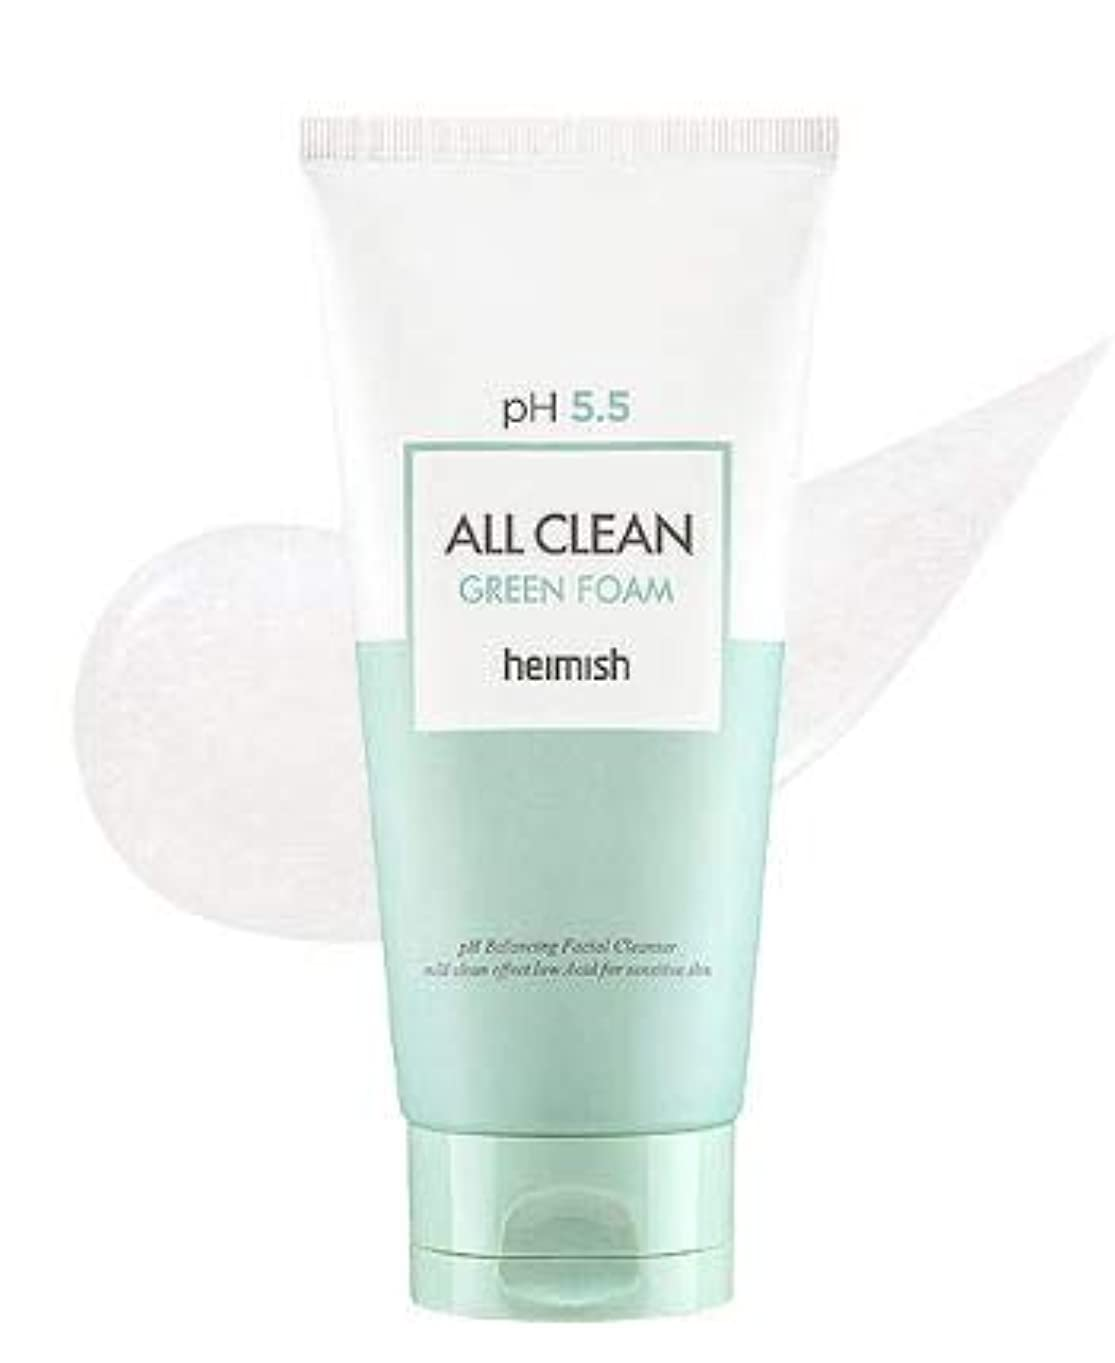 秘密のスキー神経障害[heimish] All Clean Green Foam 150g / [ヘイミッシュ] オールクリーン グリーン フォーム 150g [並行輸入品]